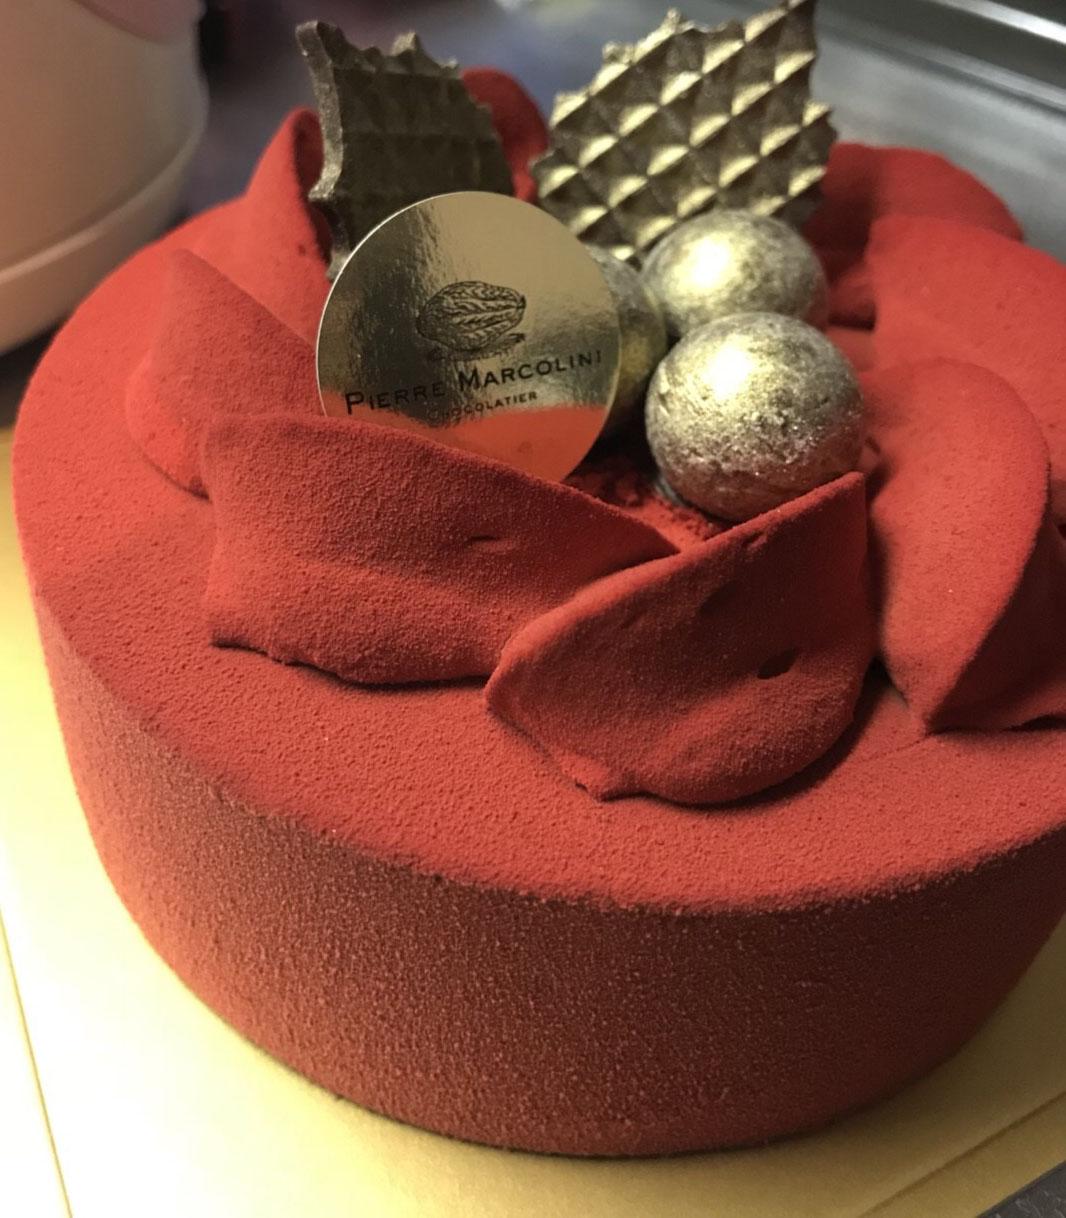 ピエールマルコリーニのクリスマスケーキ